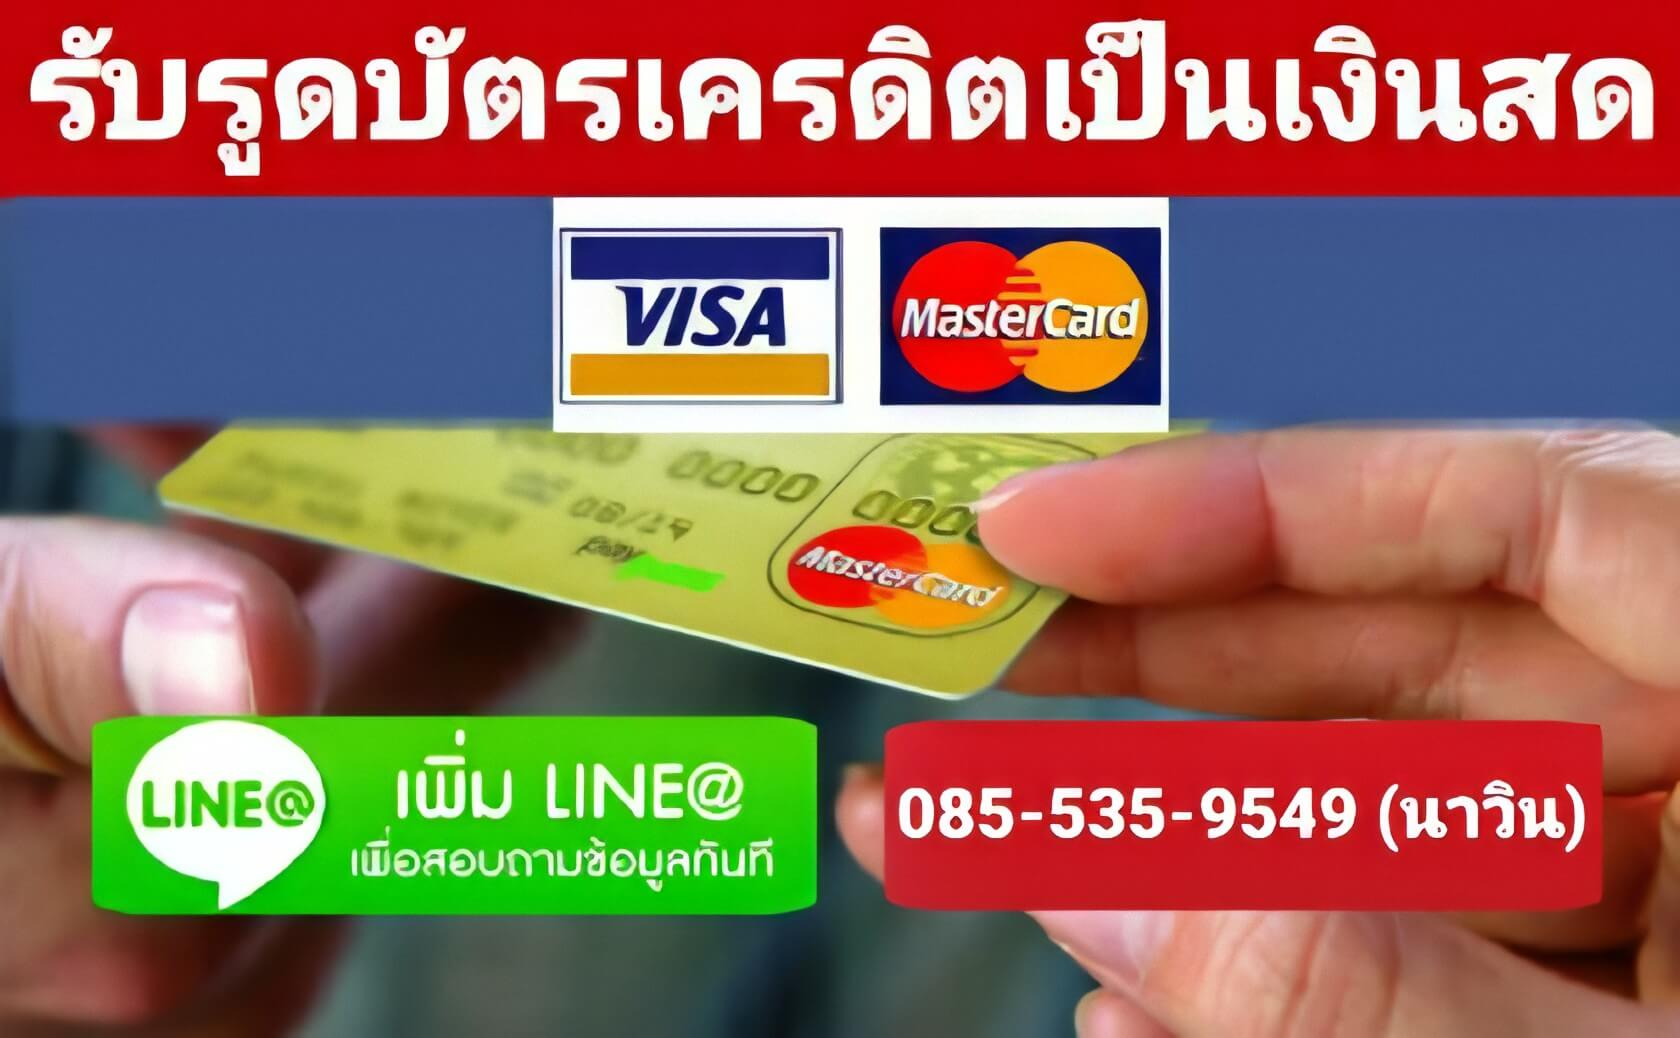 บริการรับรูดบัตรเครดิตออนไลน์ Meetung789